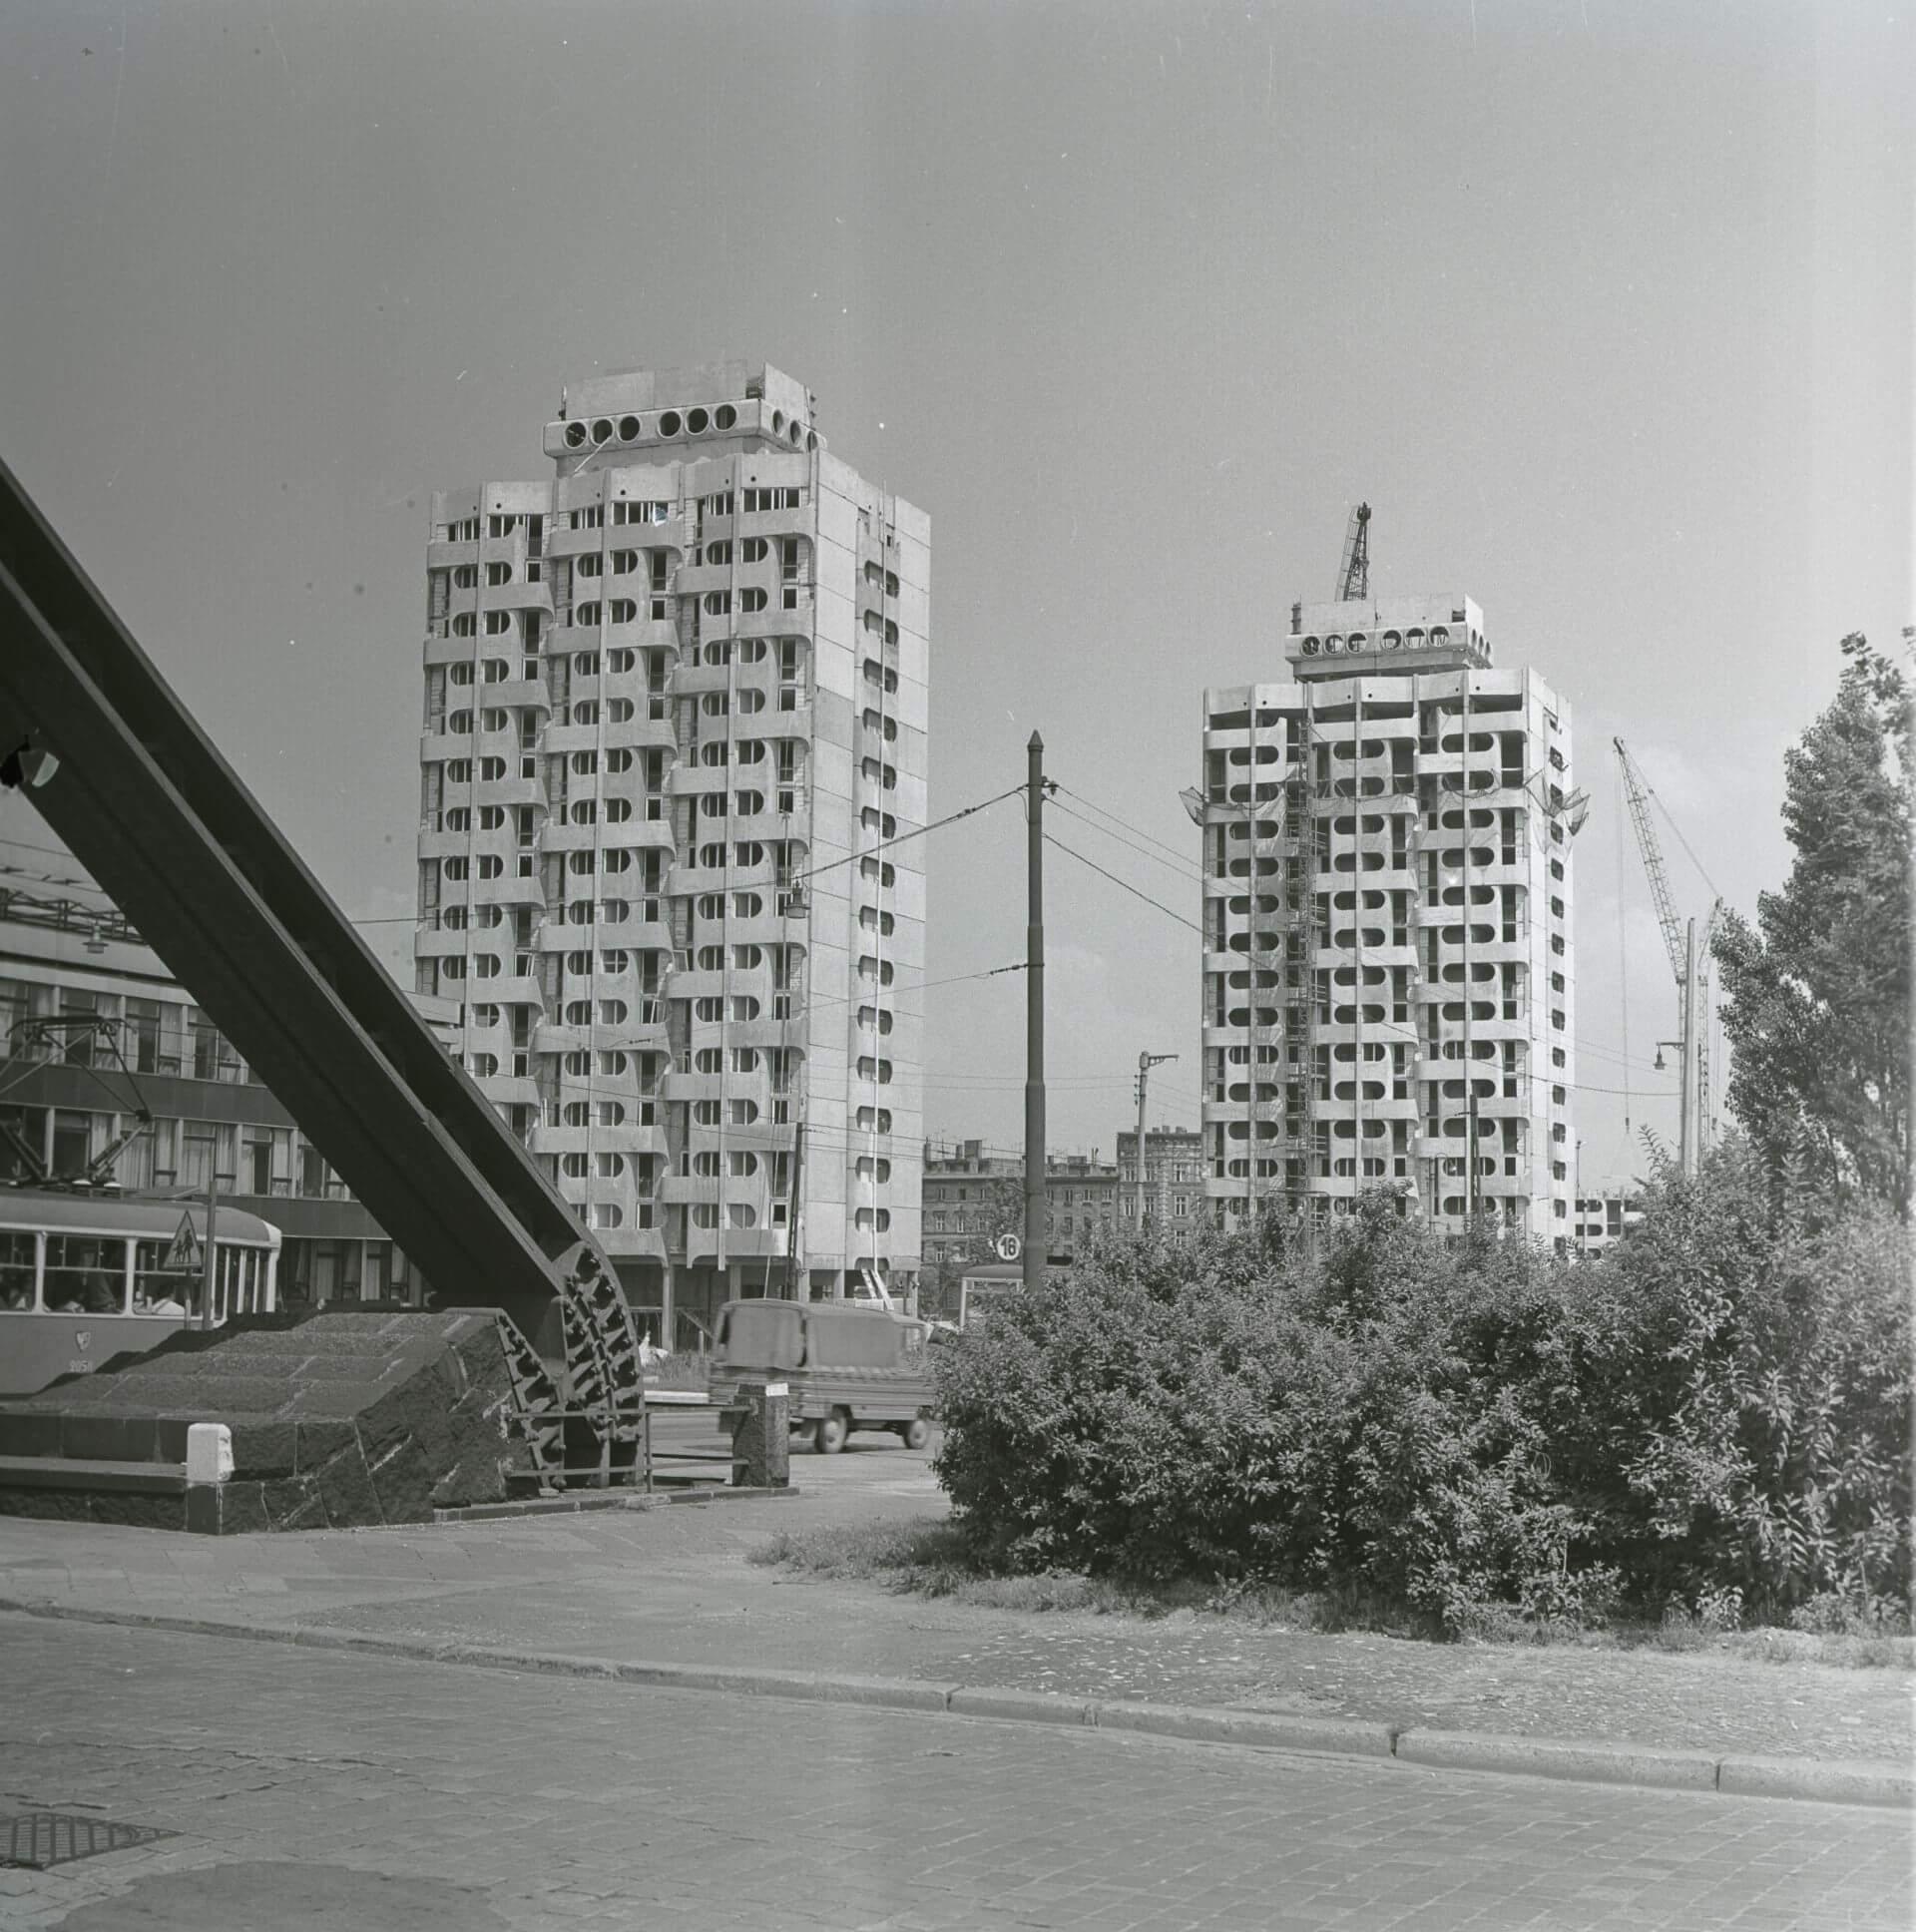 4.Budowa zespołu mieszkaniowego, plac Grunwaldzki, 1969-75 (projekt 1963-69), fot. Zbigniew Nowak, 1972, zbiory: Ośrodek Pamięć i Przyszłość